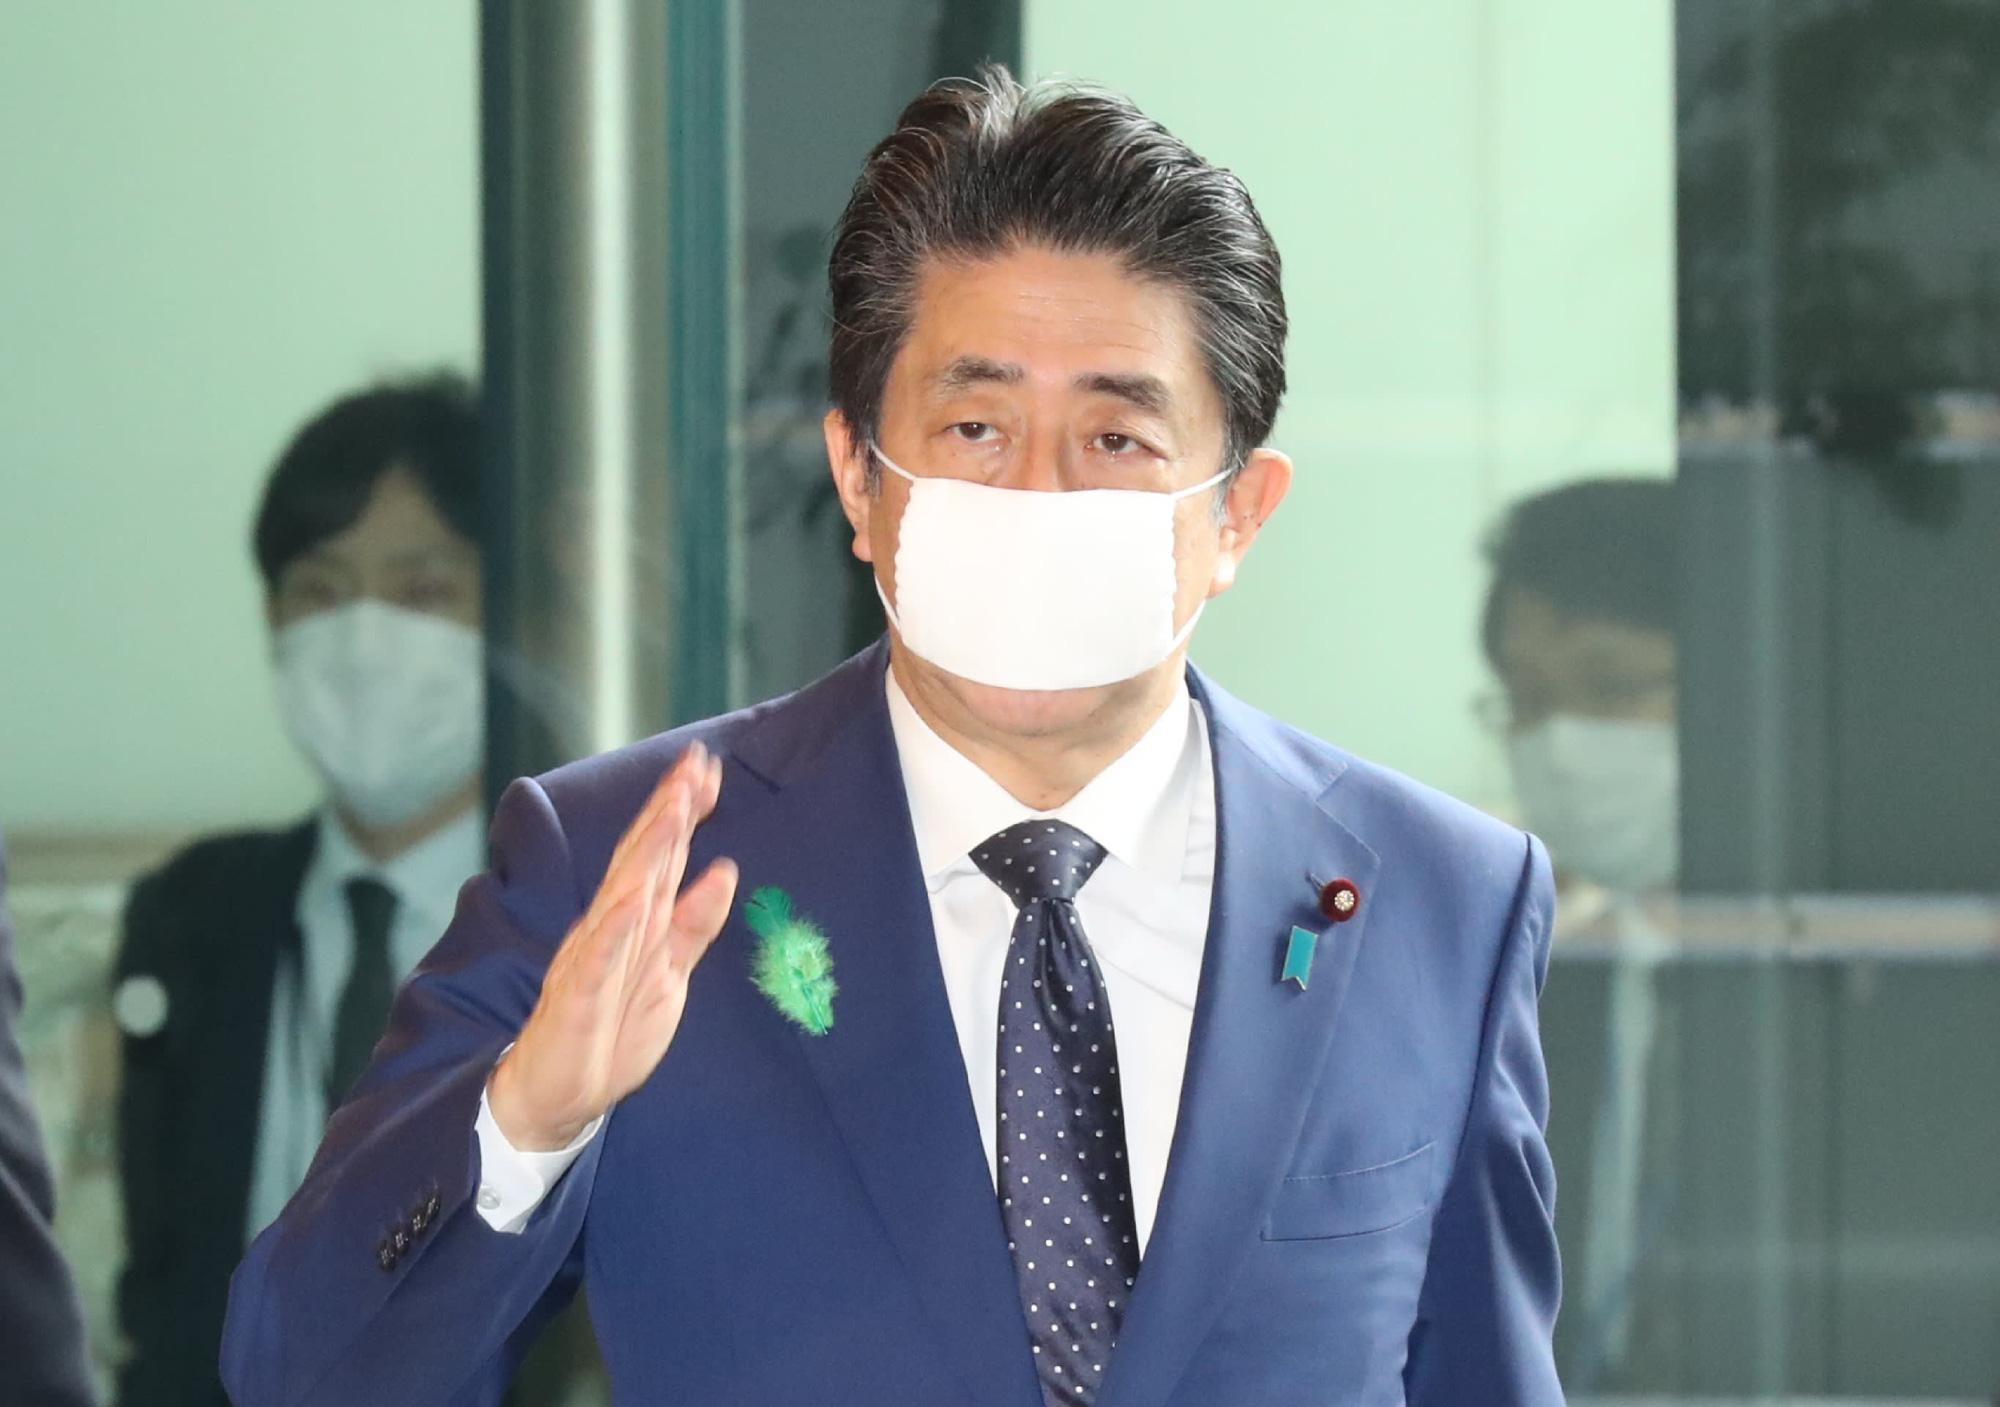 Nhật Bản hỗ trợ cho mỗi người dân 930 đô la để giảm thiểu tác động của Covid-19 - Ảnh 1.